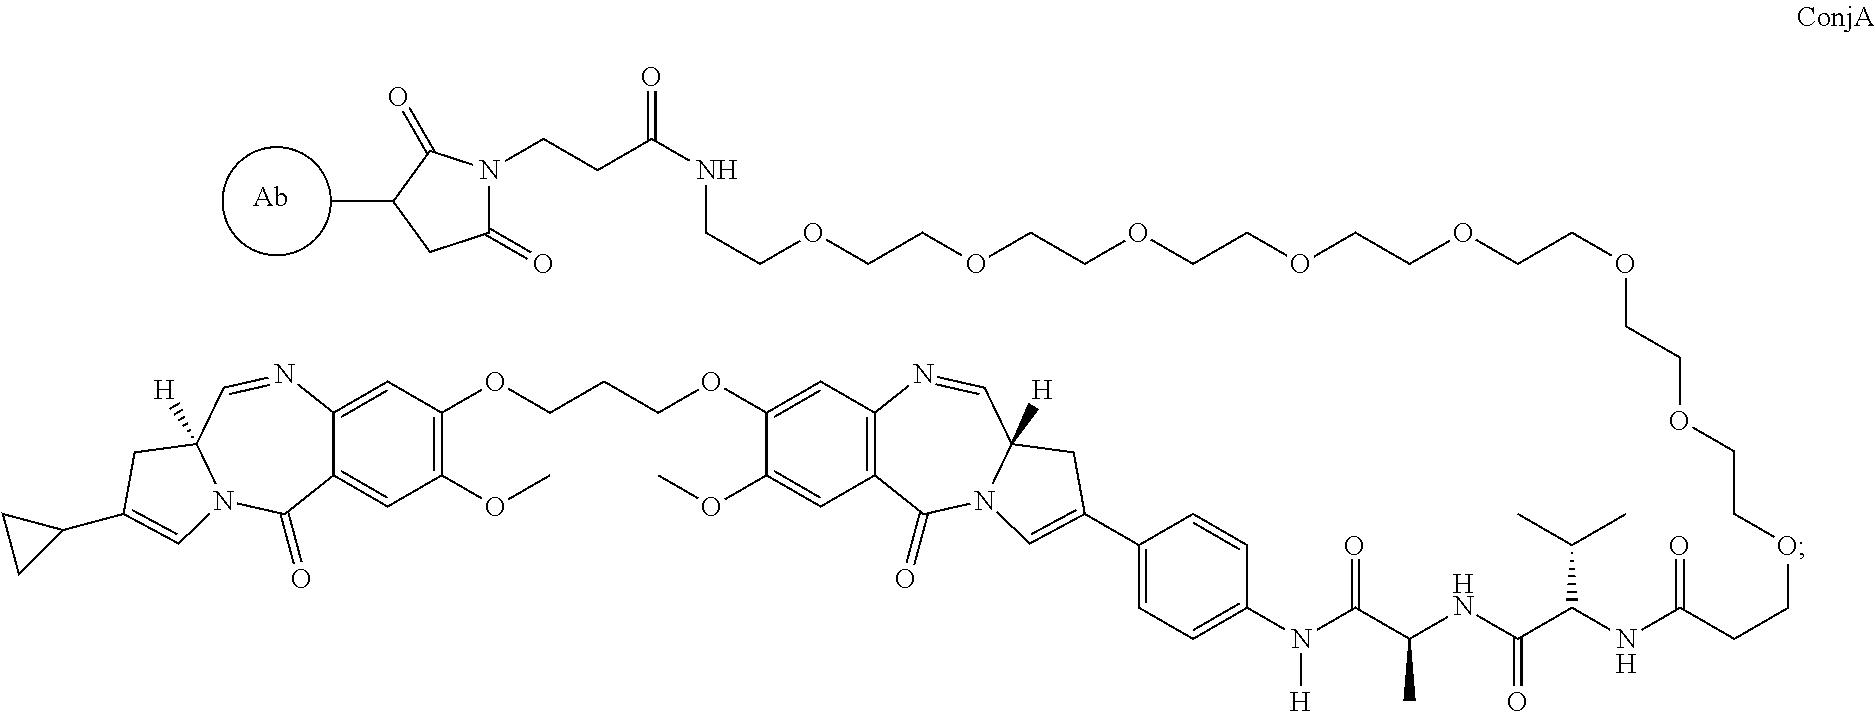 Figure US09919056-20180320-C00016